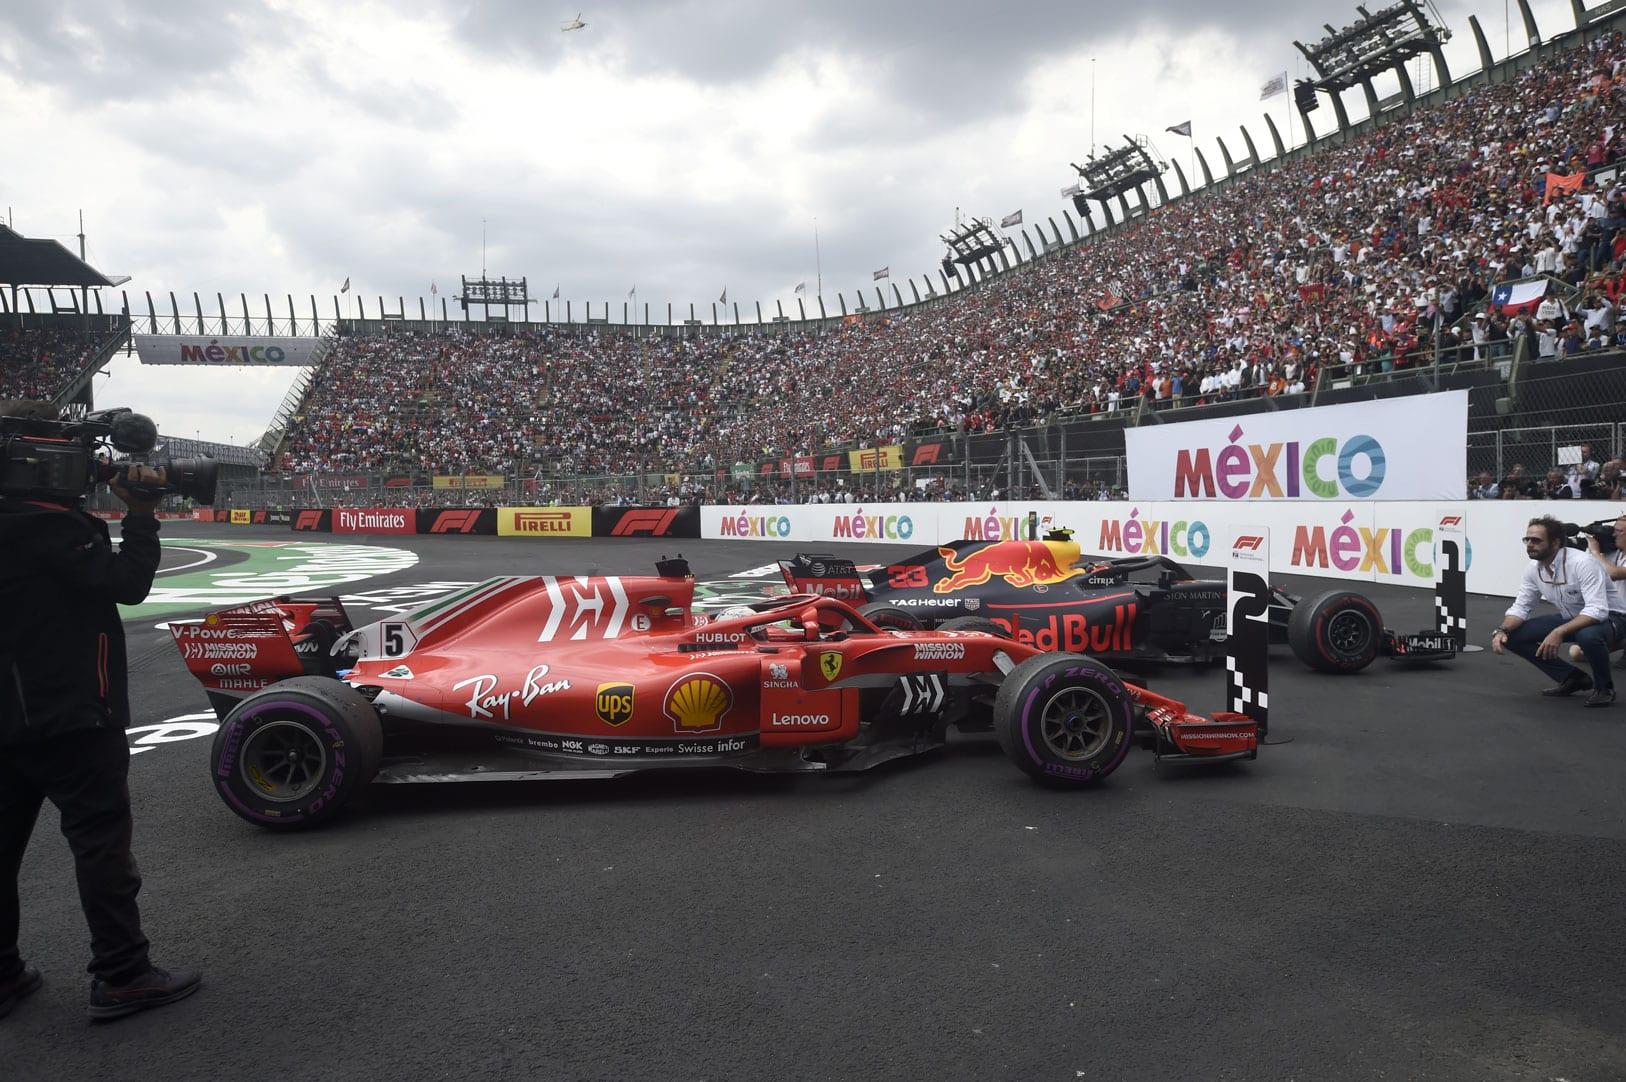 El Gran Premio de México tiene un impacto económico de 400 mdd, cifra que lo ubica por debajo de la competencia de Abu Dhabi. FOTO: Reuters